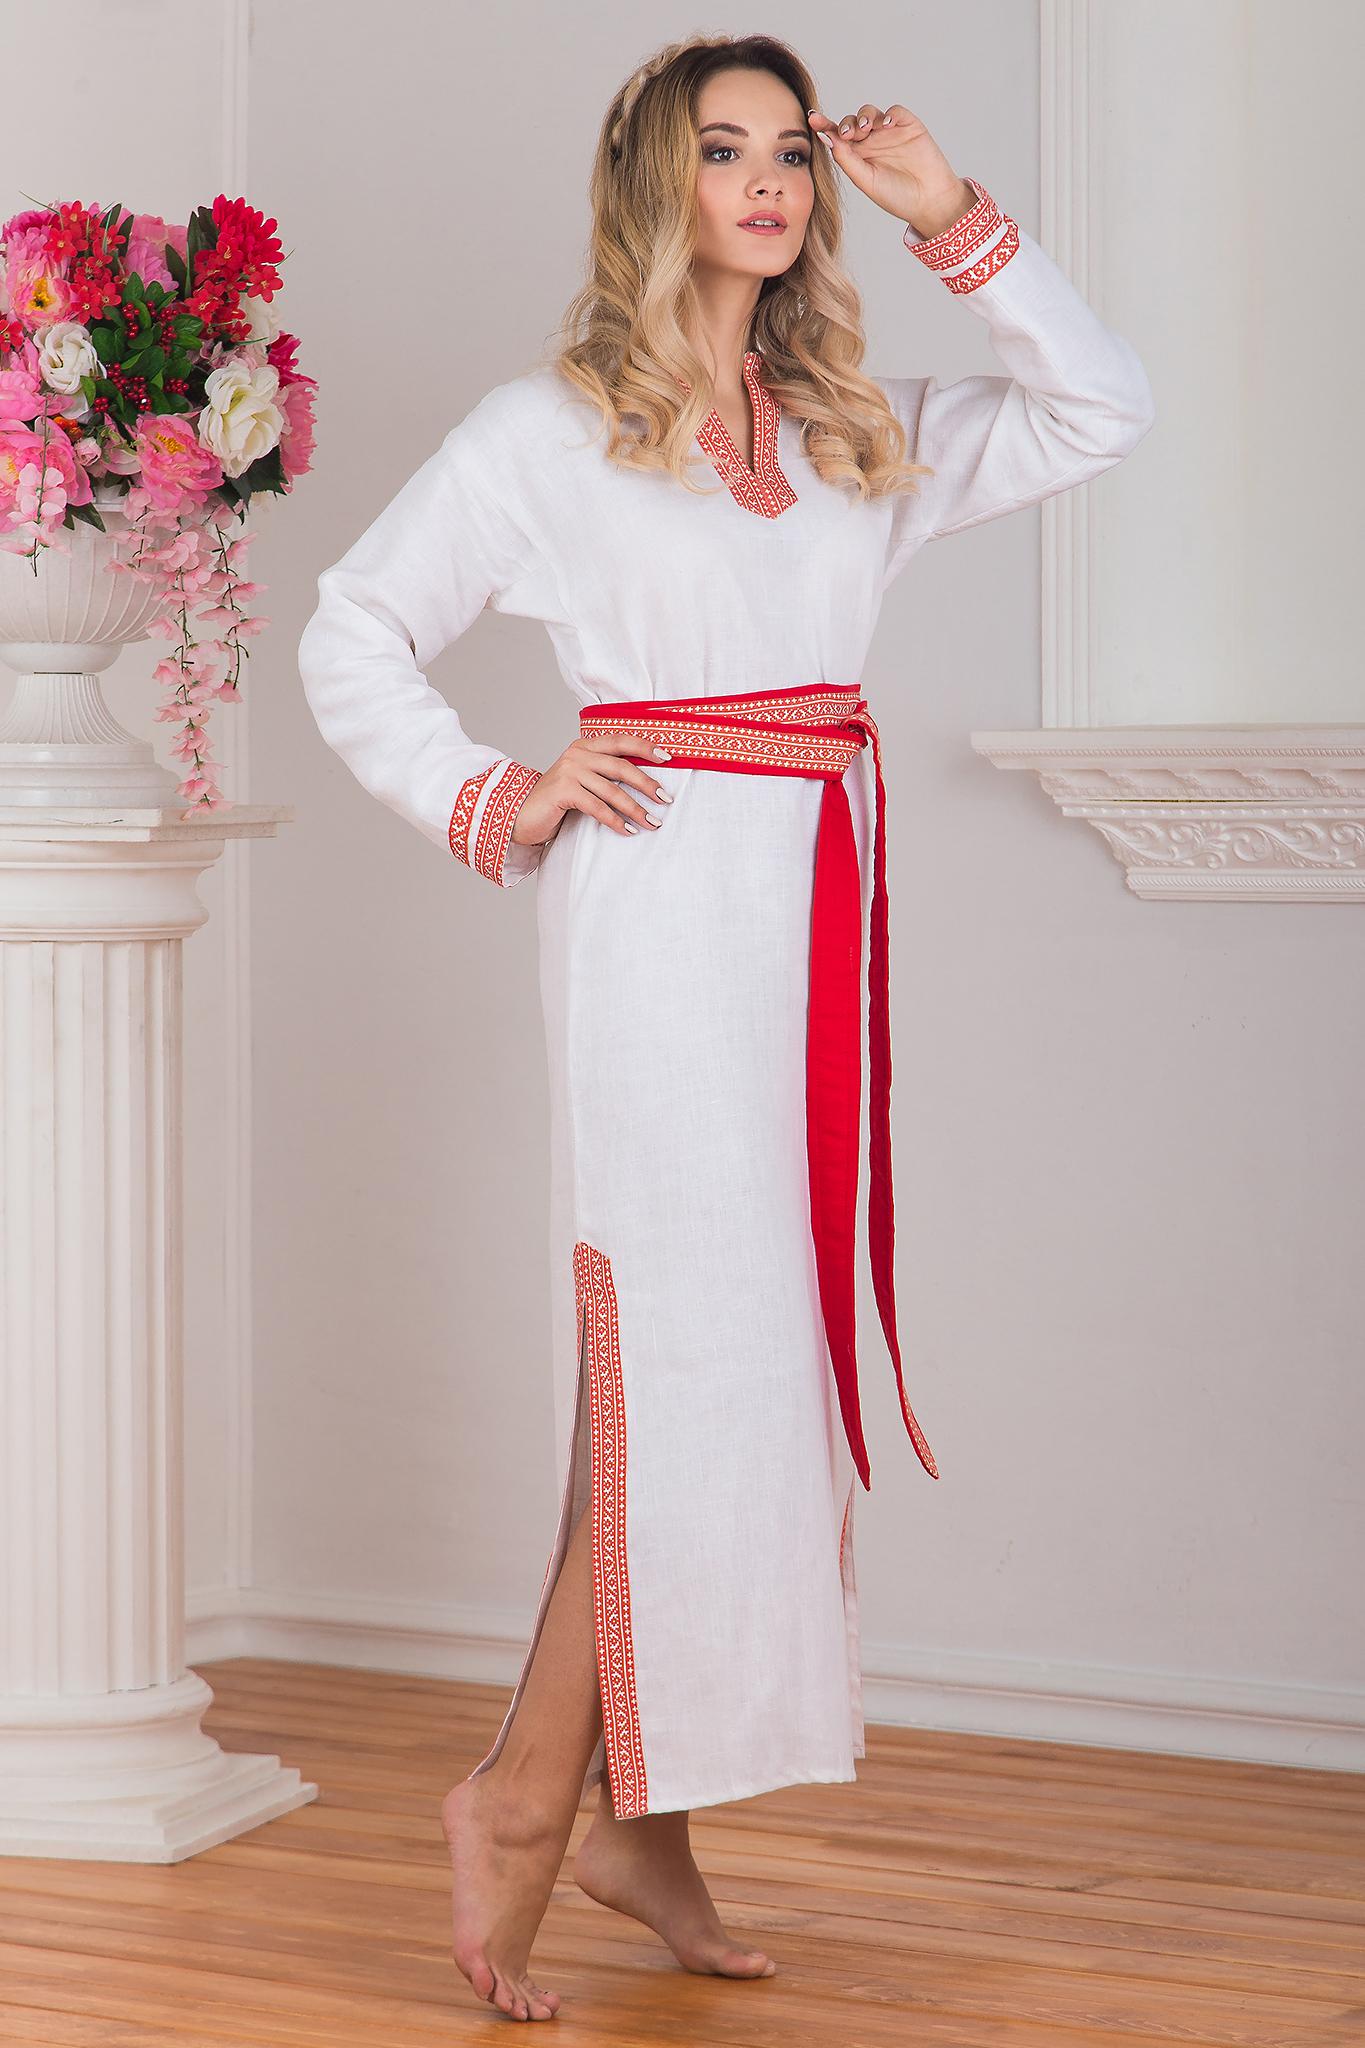 Вид сбоку - женская славянская рубаха Верная. Славянская одежда в интернет магазине Иванка